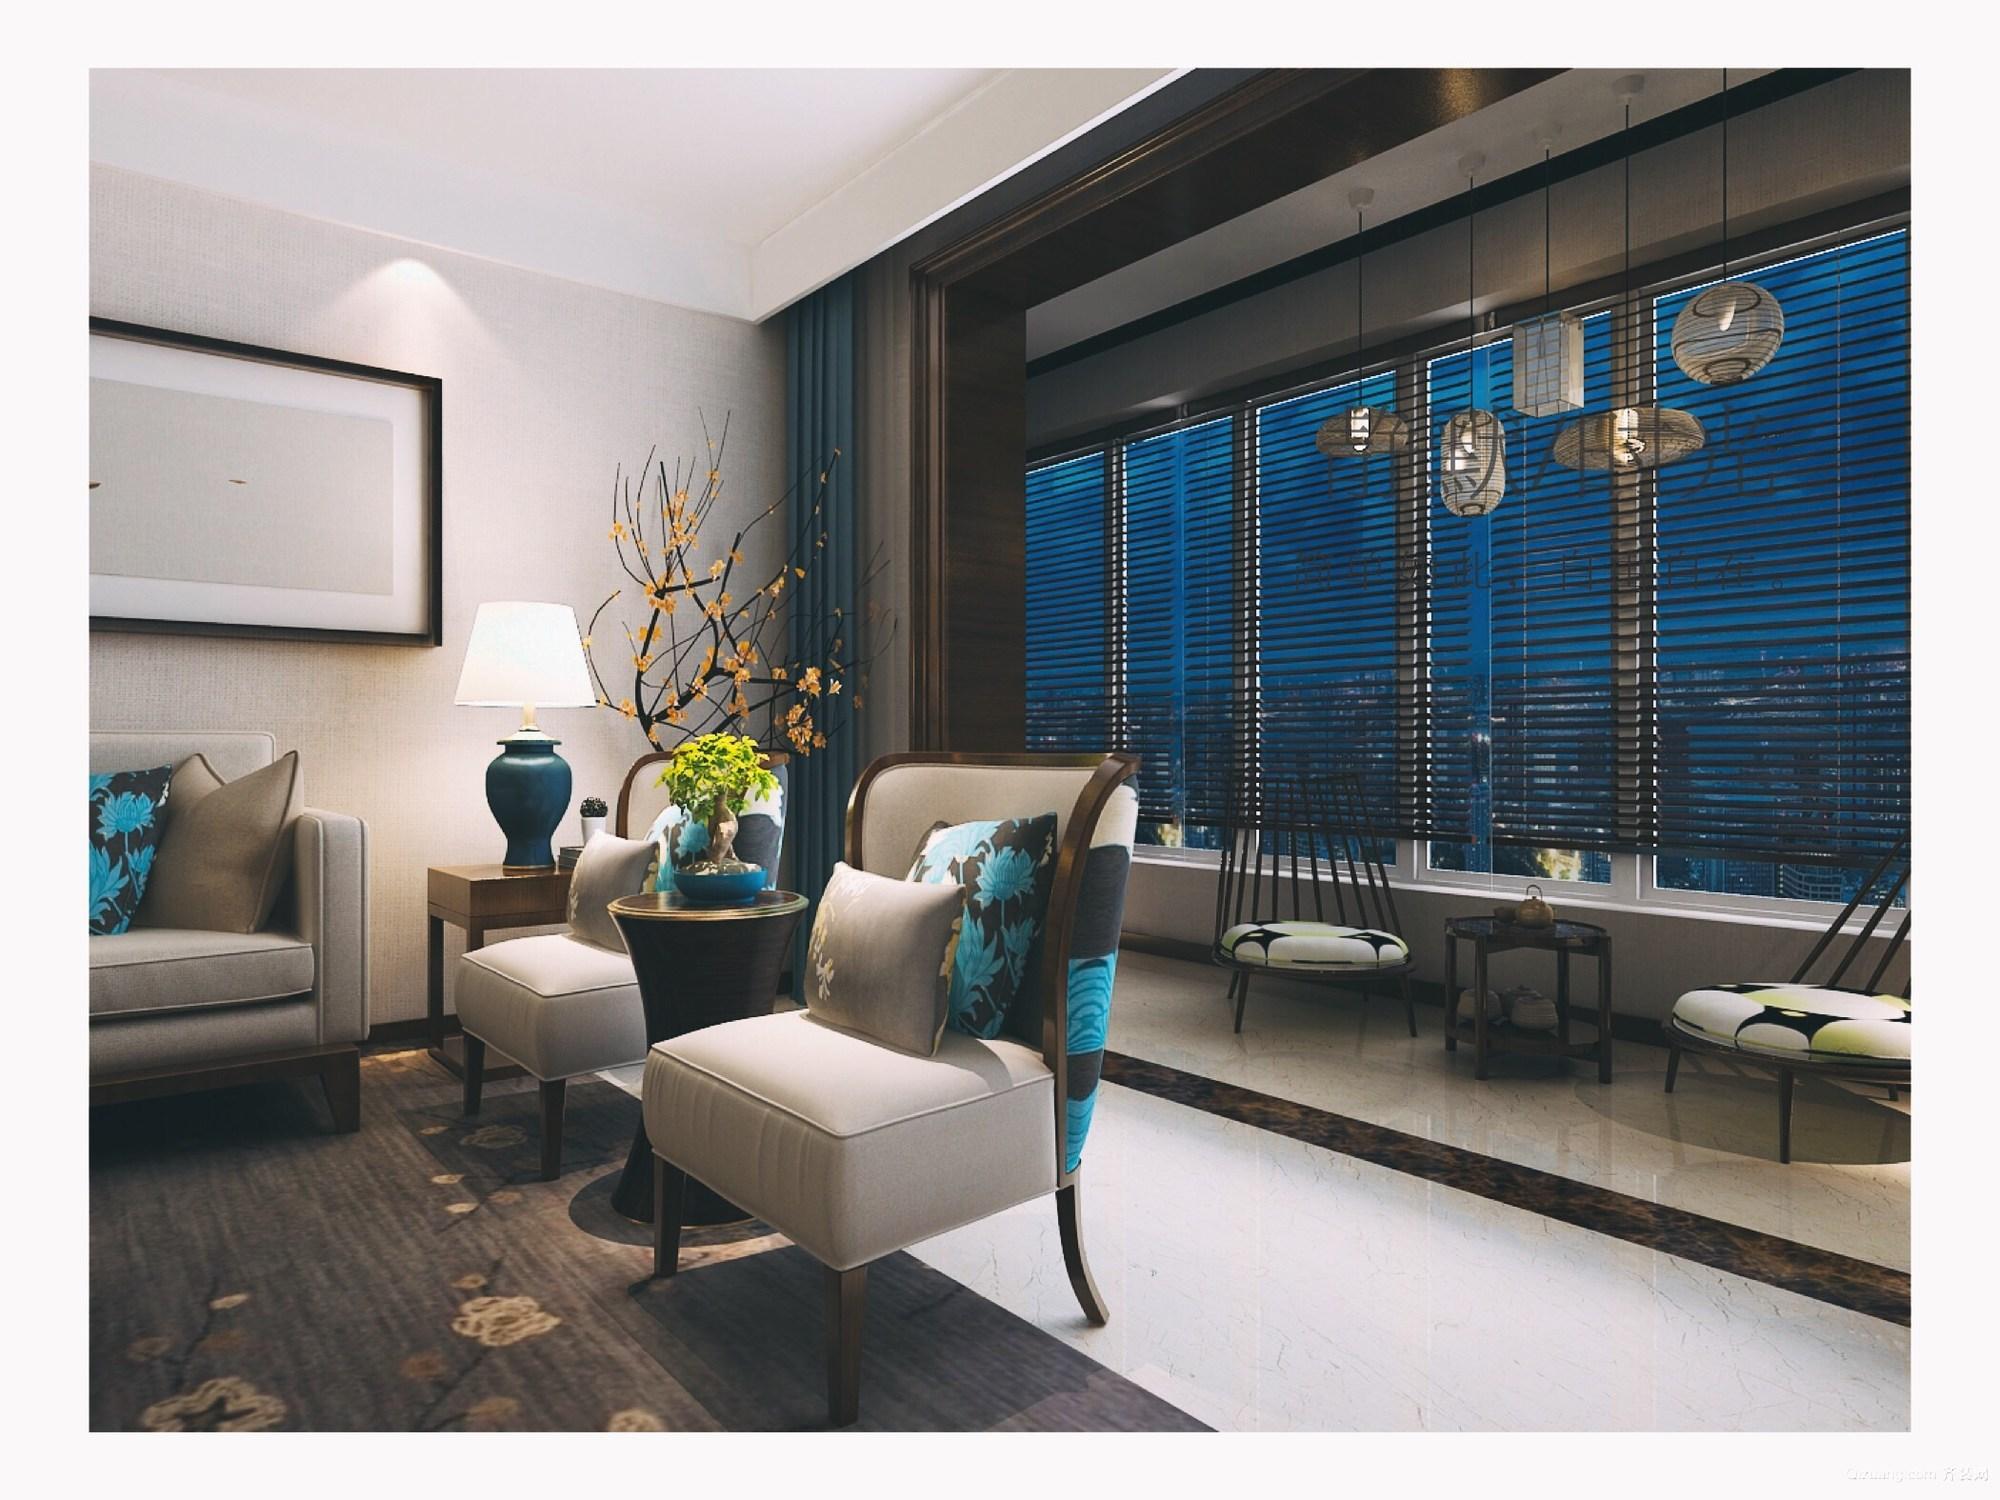 165平米普通图片其他家装装修户型设计-邢台齐学的ui设计在深圳好找工作吗图片